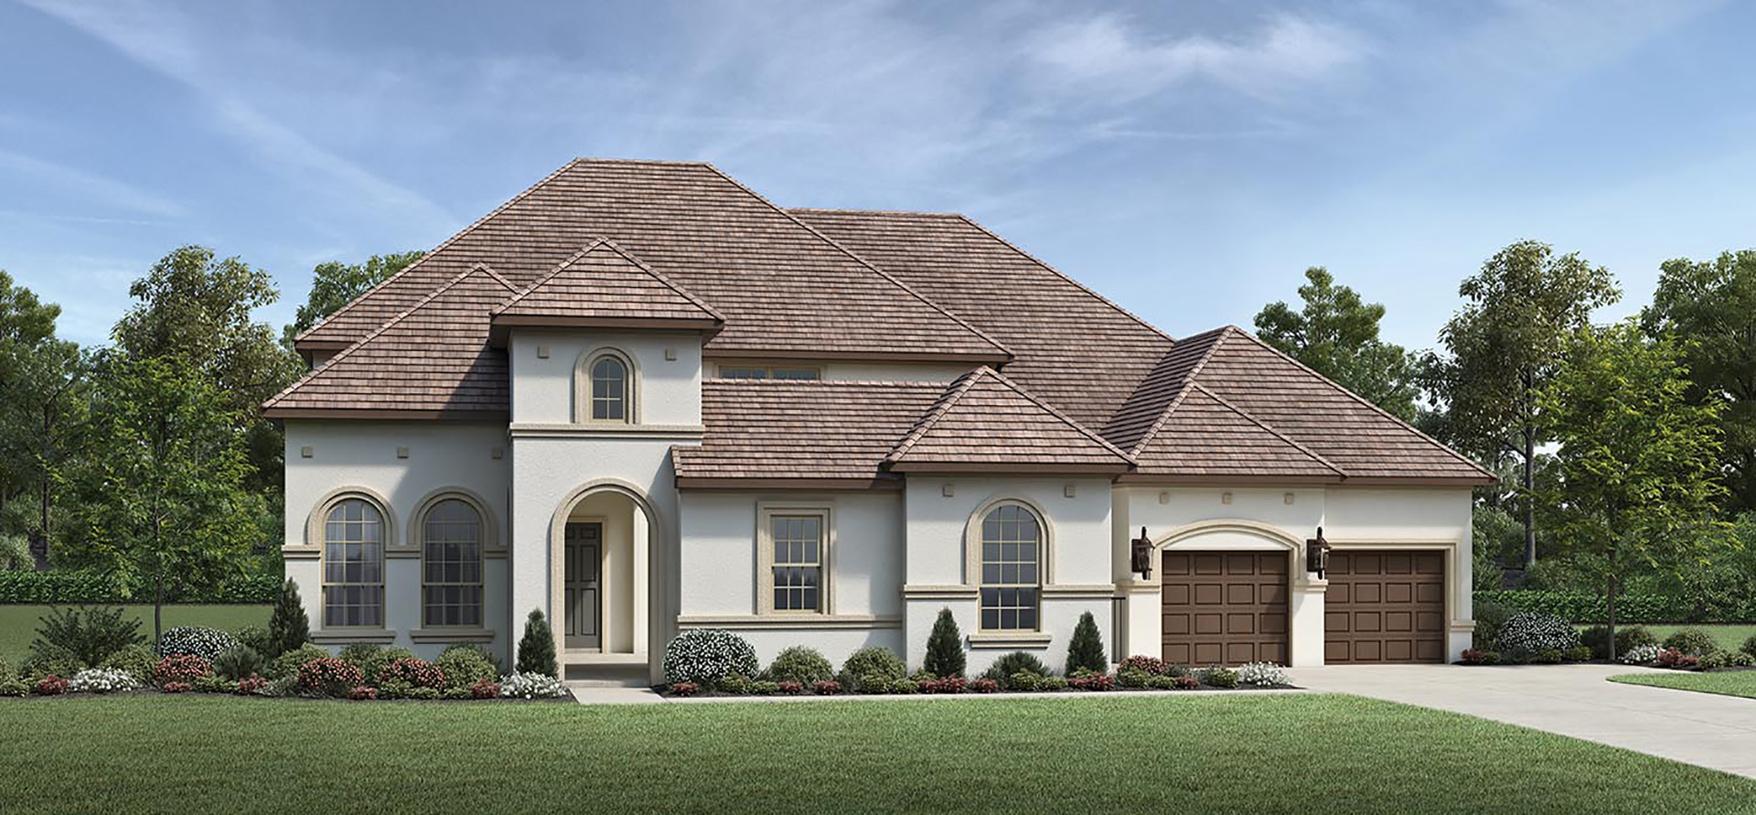 Vanguard -  Italian Villa